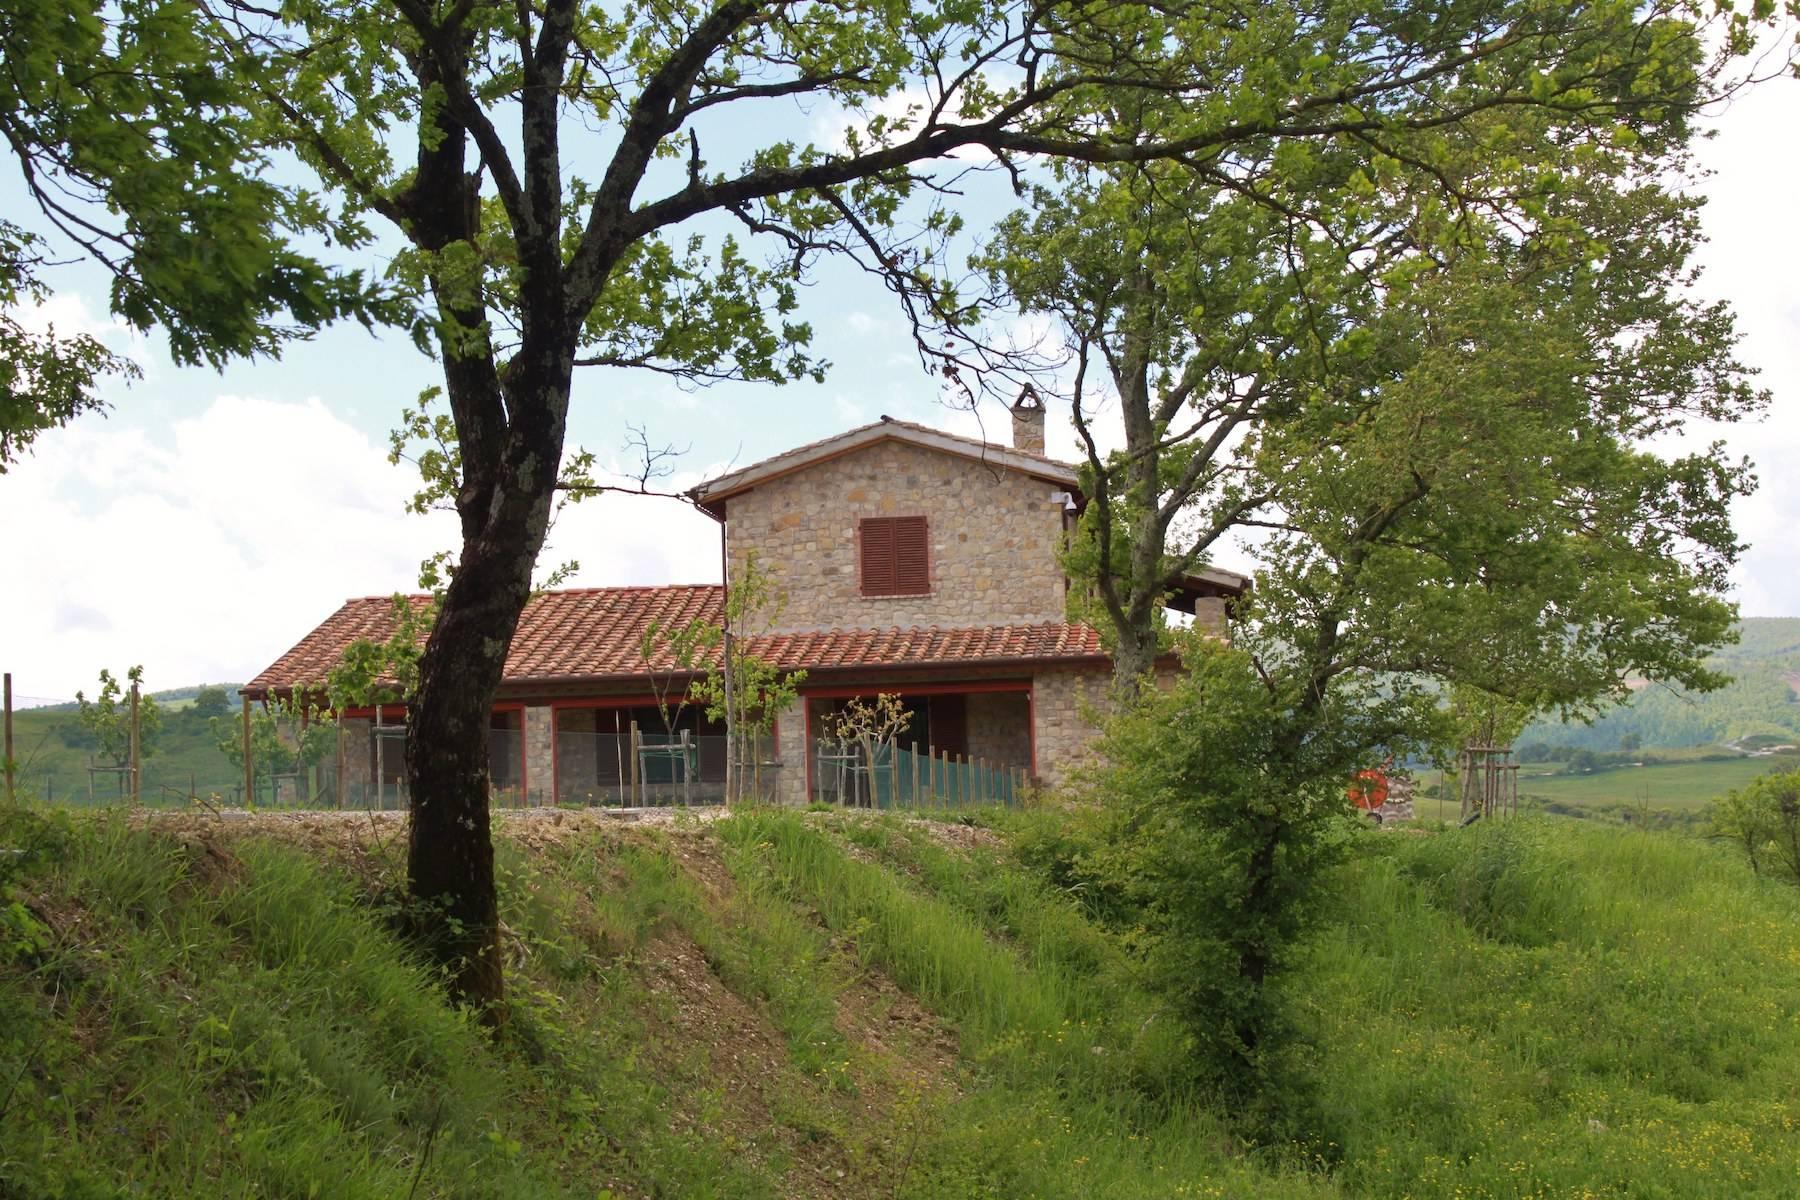 Rustico in Vendita a Fabro: 5 locali, 450 mq - Foto 21